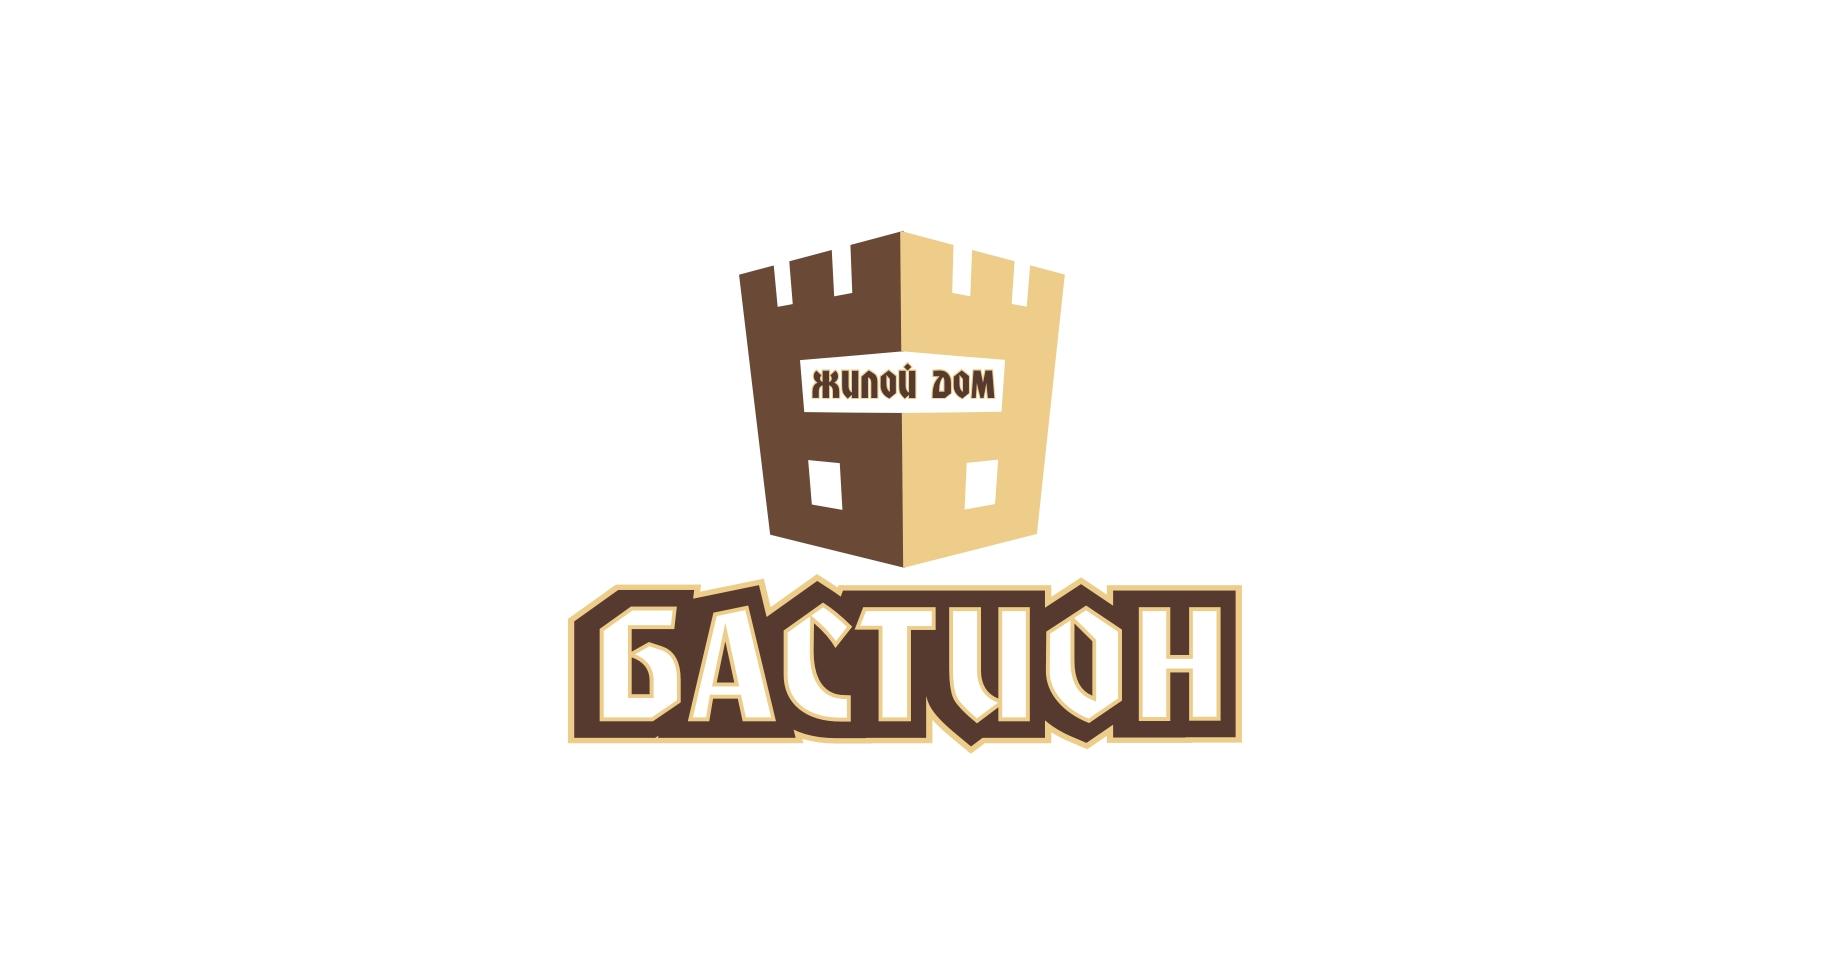 Разработка логотипа для жилого дома фото f_383520b5cd3d7c6a.jpg